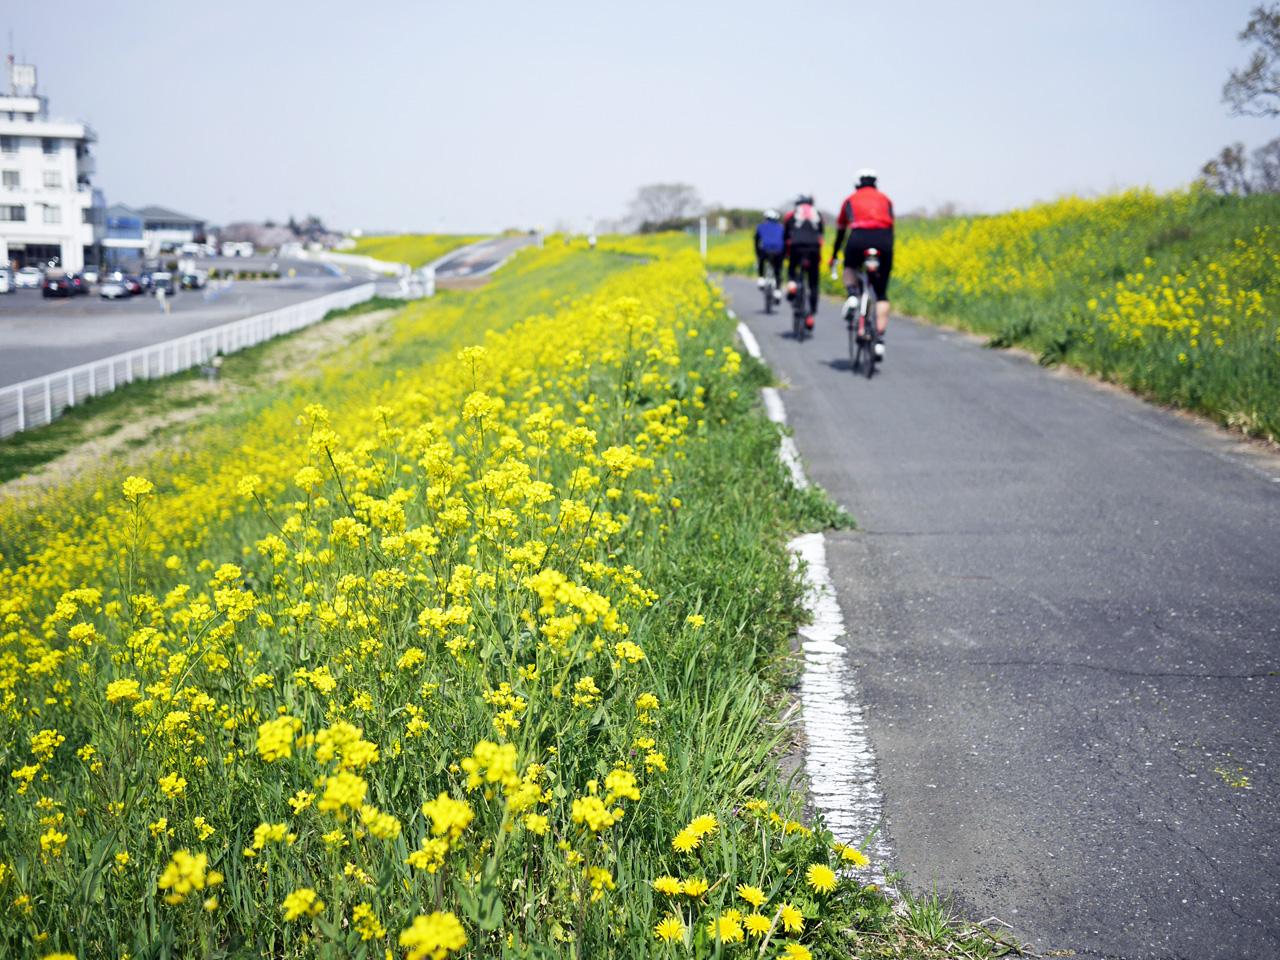 レインボー埼玉から北の荒サイは菜の花が満開